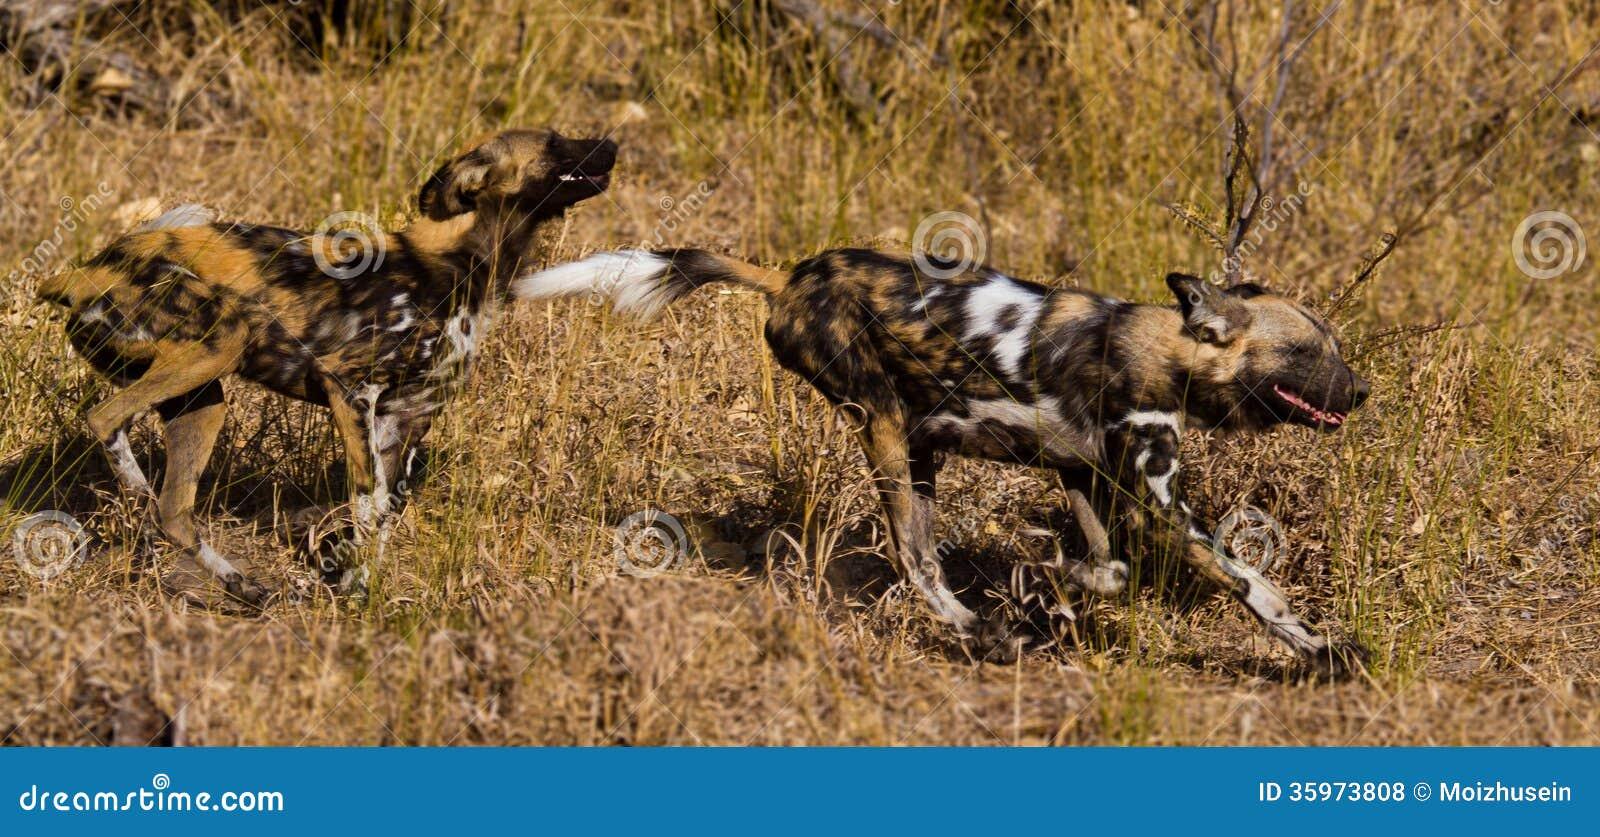 Wilddog en el parque nacional de Tanzania